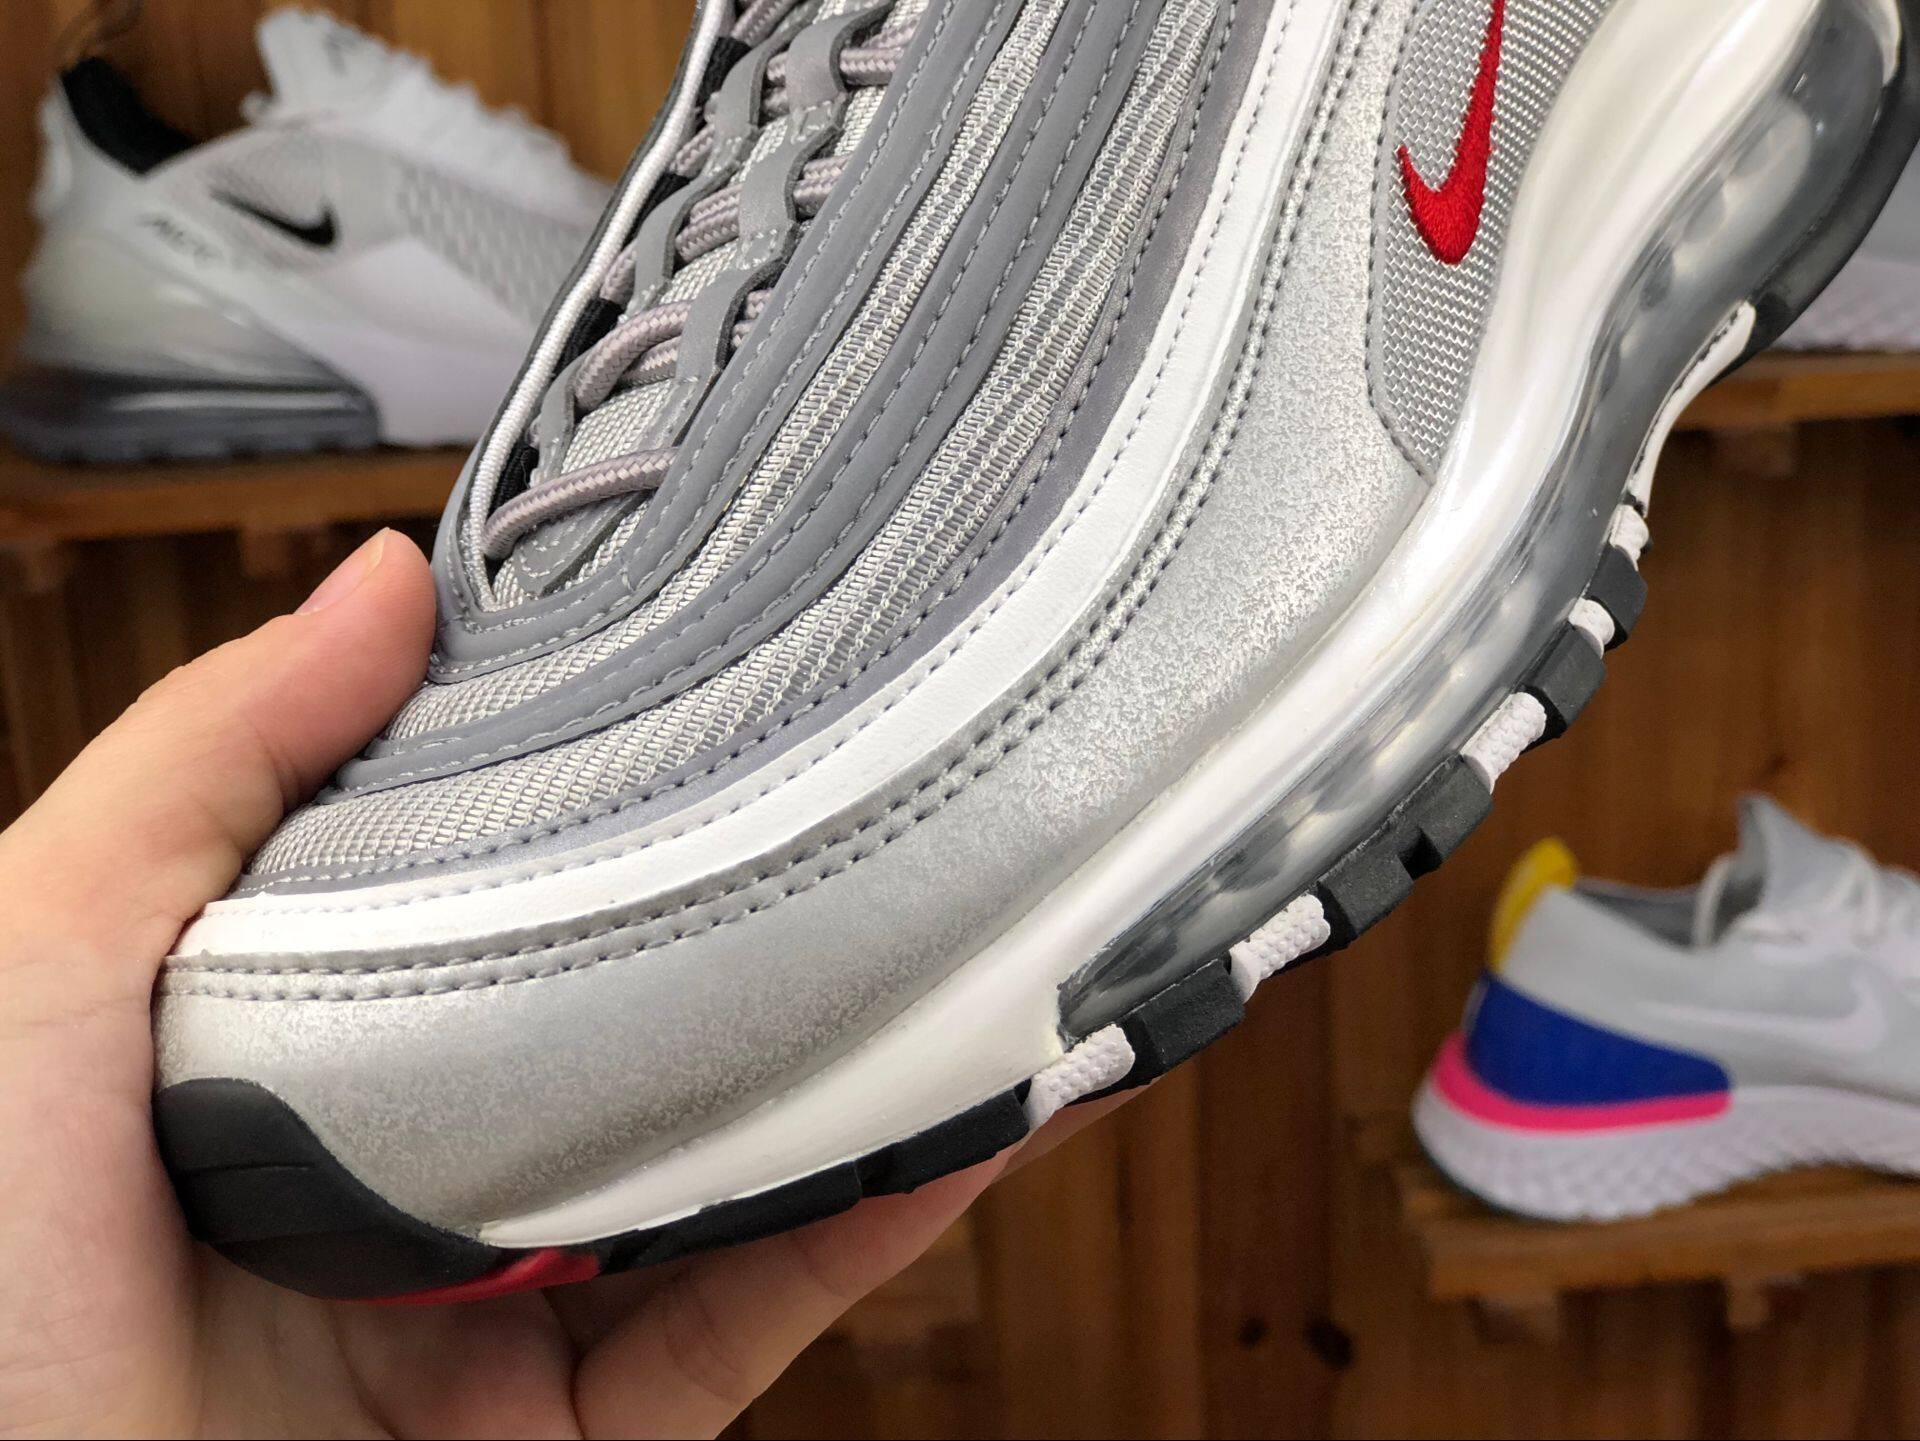 【แบรนด์ใหม่และเป็นของแท้】Nike AIR MAX 97 รองเท้าผู้ชาย รองเท้าสตรี รองเท้ากีฬา แฟชั่น รองเท้าลำลอง หนังแท้ รองเท้าวิ่ง 884421-001 ร้านค้าอย่างเป็นทางก